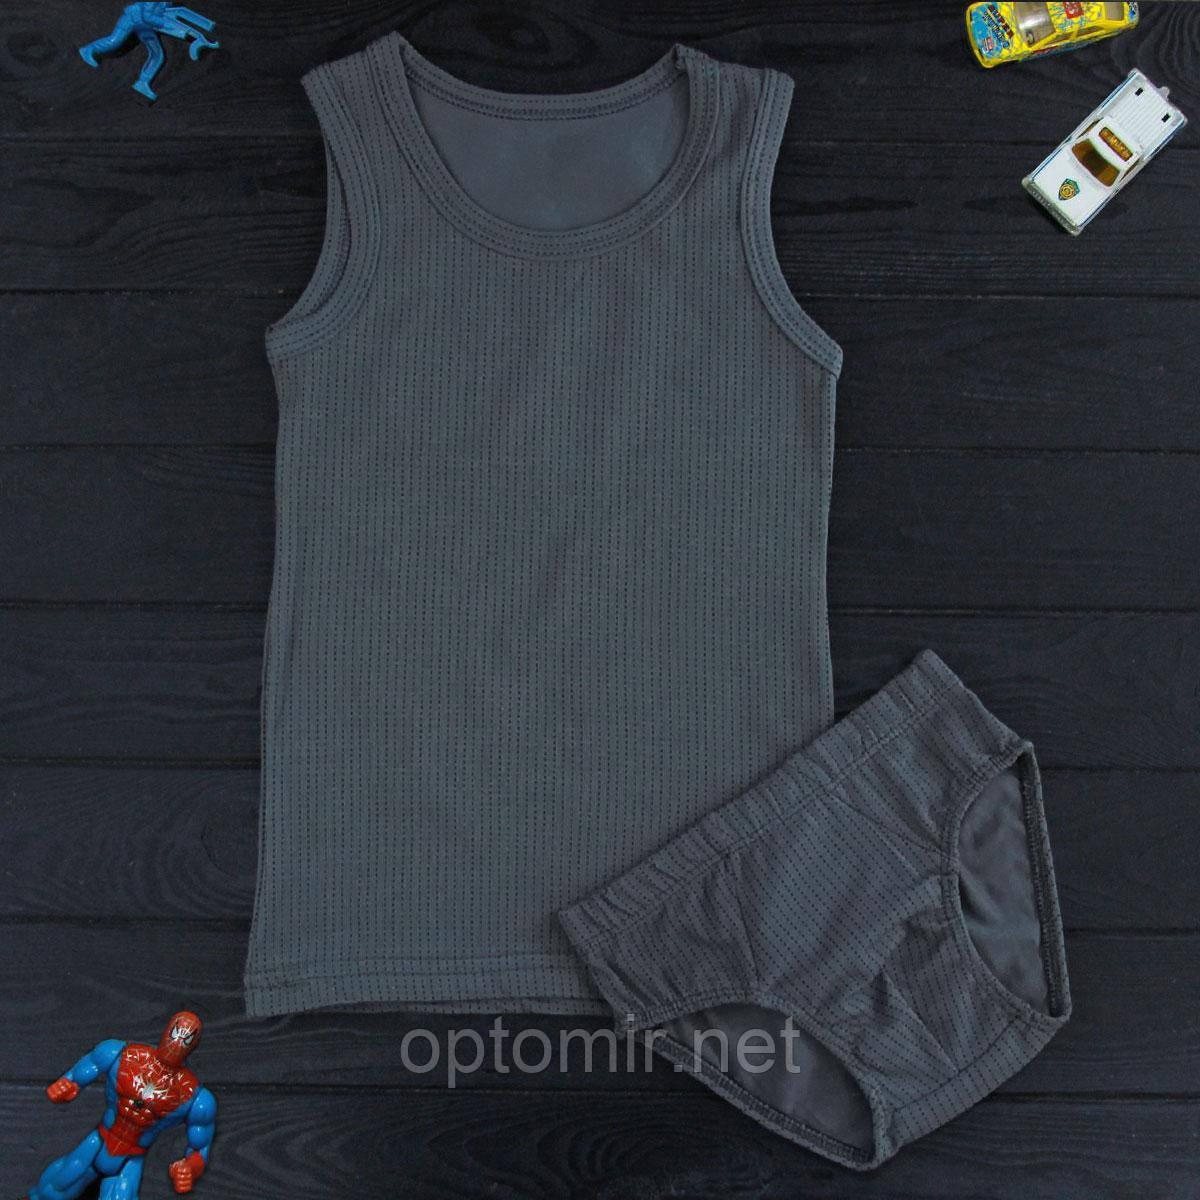 Комплект детский Donella темно-серый для мальчика на 8/9 лет | 1шт.